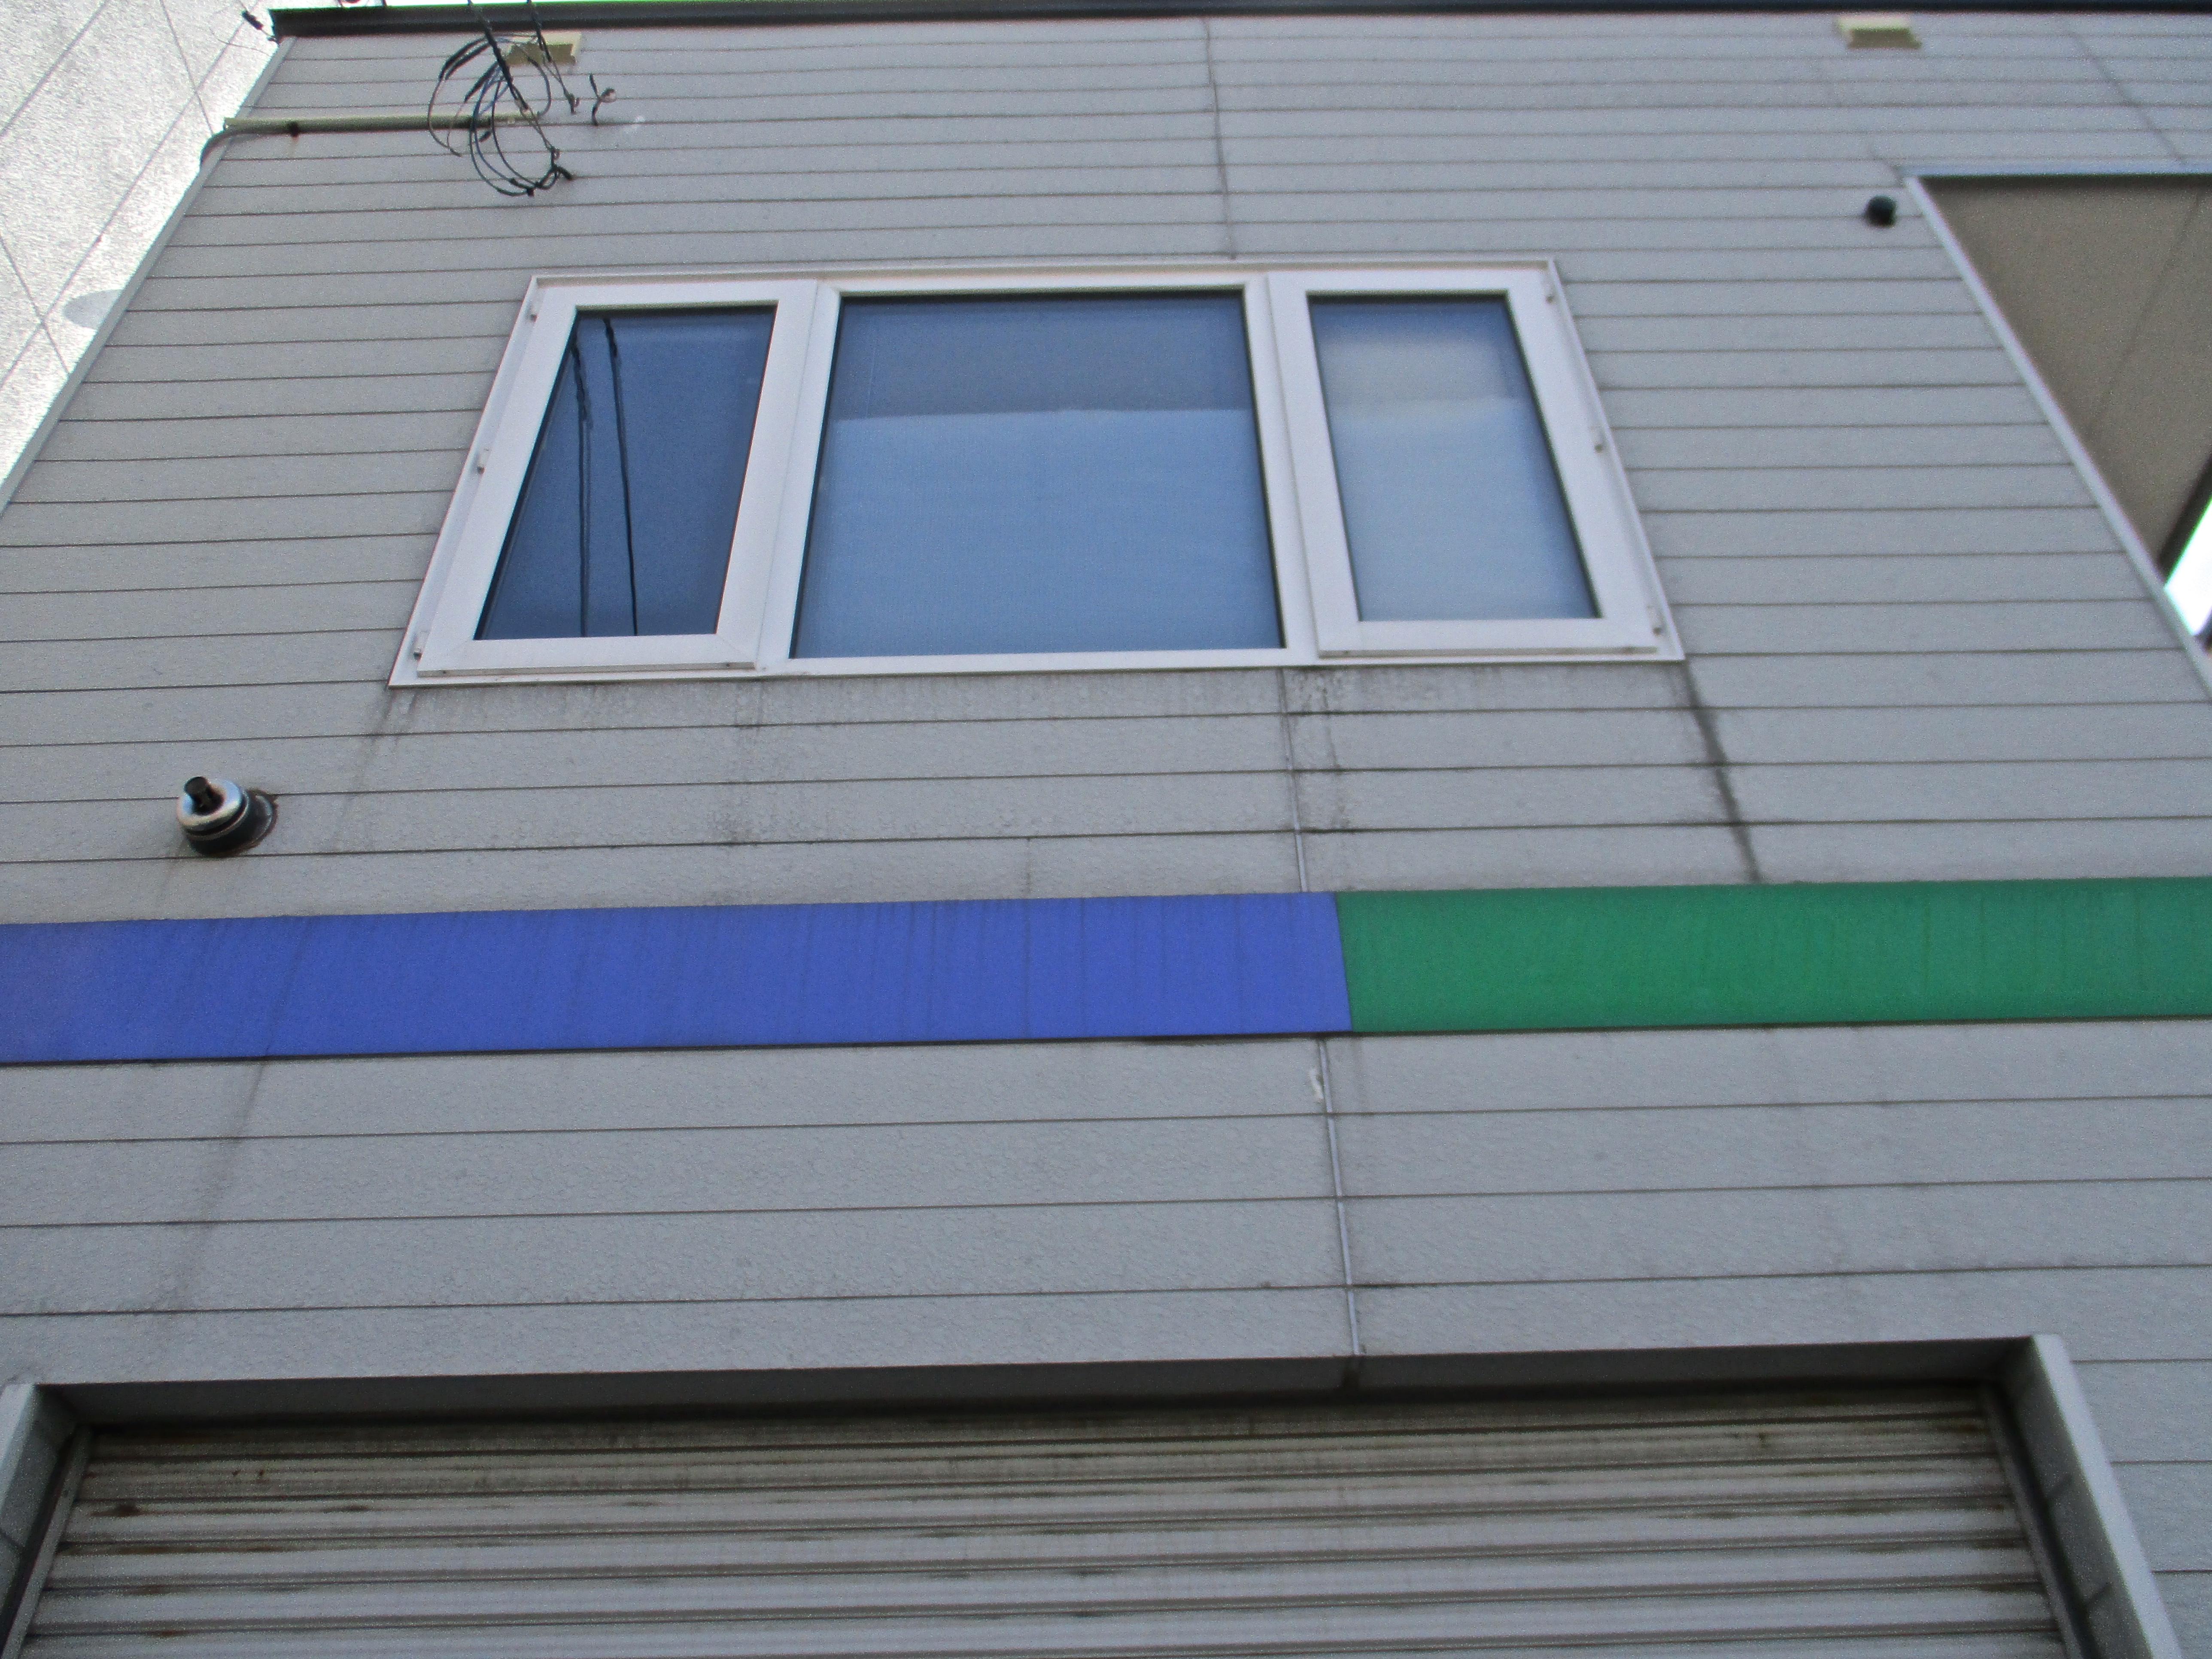 札幌市|塗装|ビフォーアフター|ジャパンウェーブインダストリー|